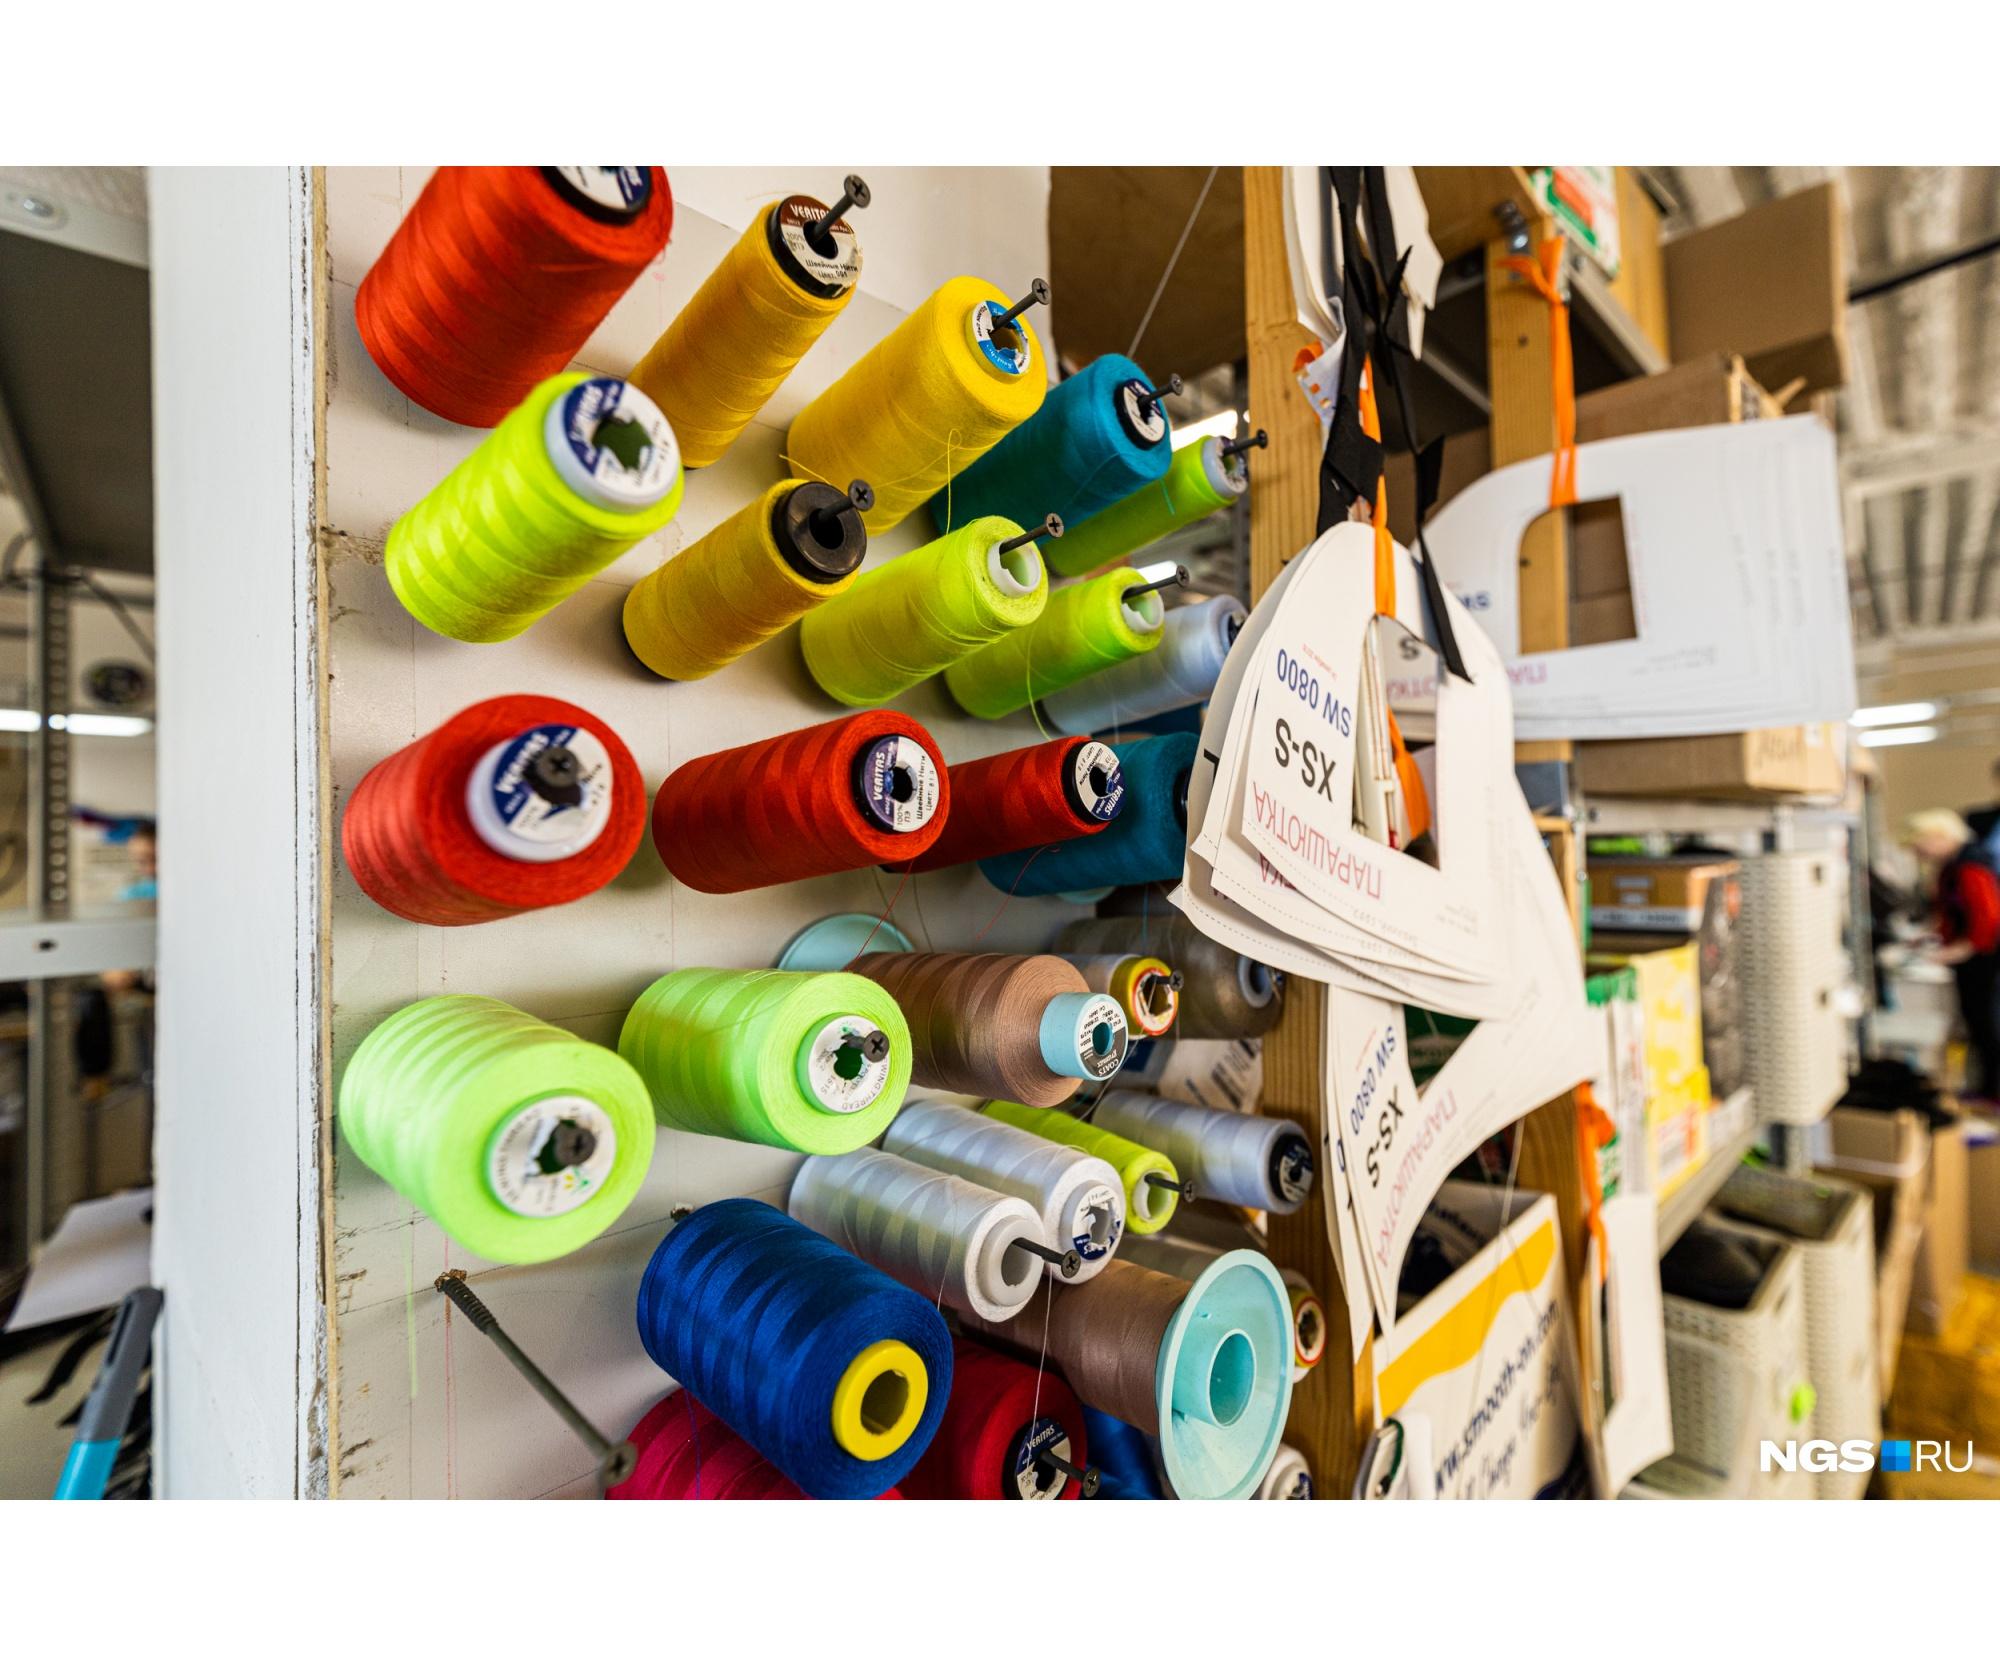 Фетиш-одежду активно покупают и в Азии: заказы поступают из Японии, Тайваня, Гонконга, Южной Кореи и Сингапура